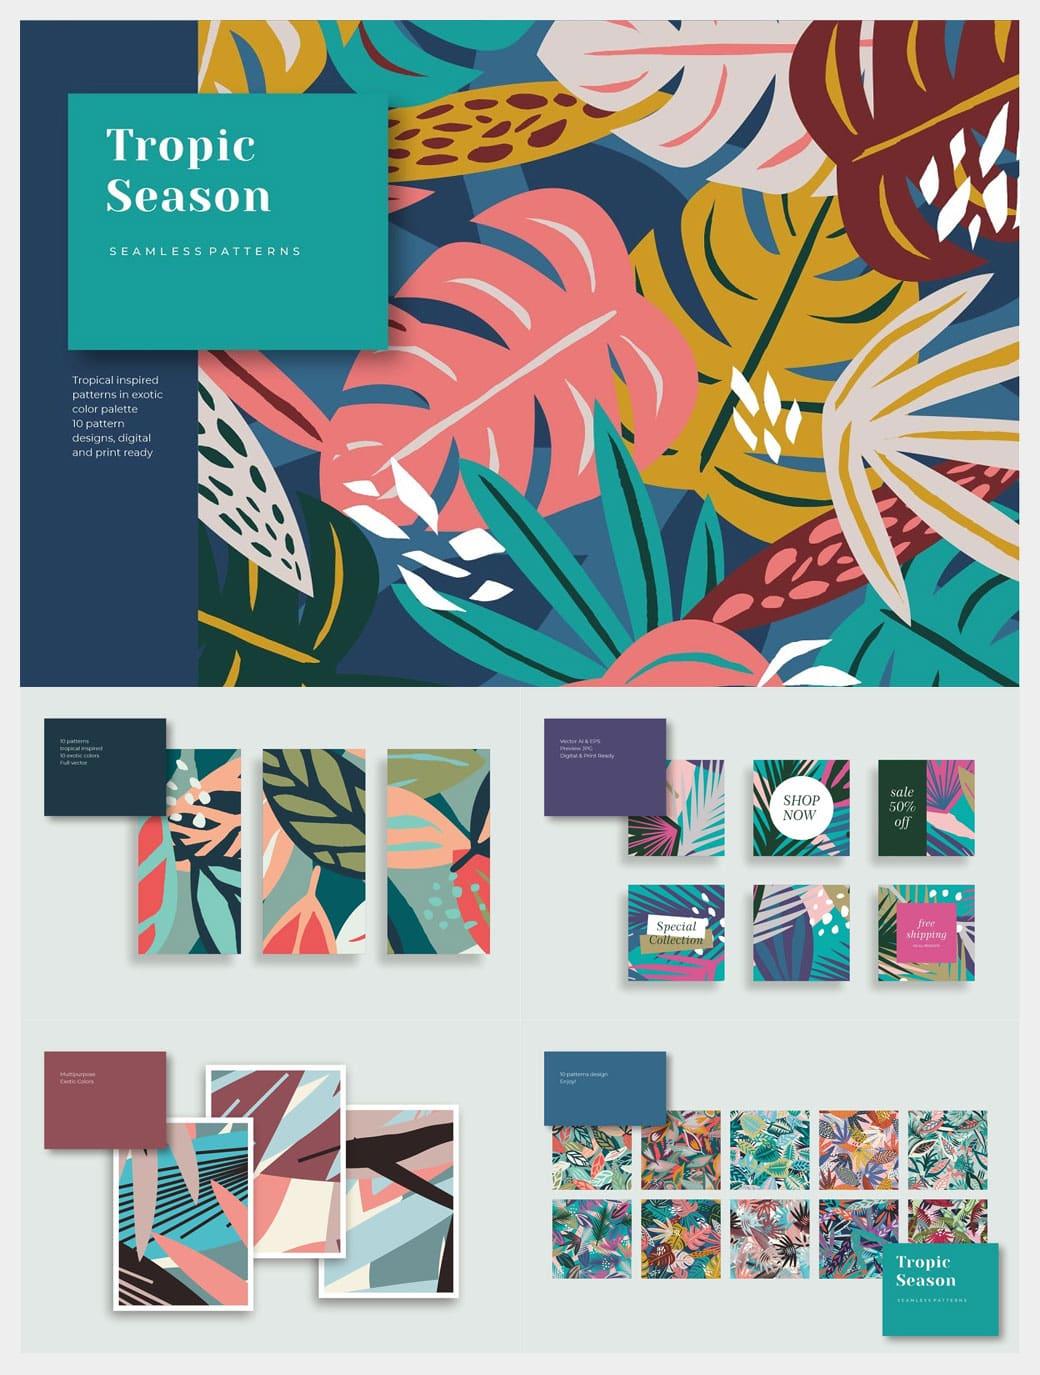 Tropic Season Seamless Pattern